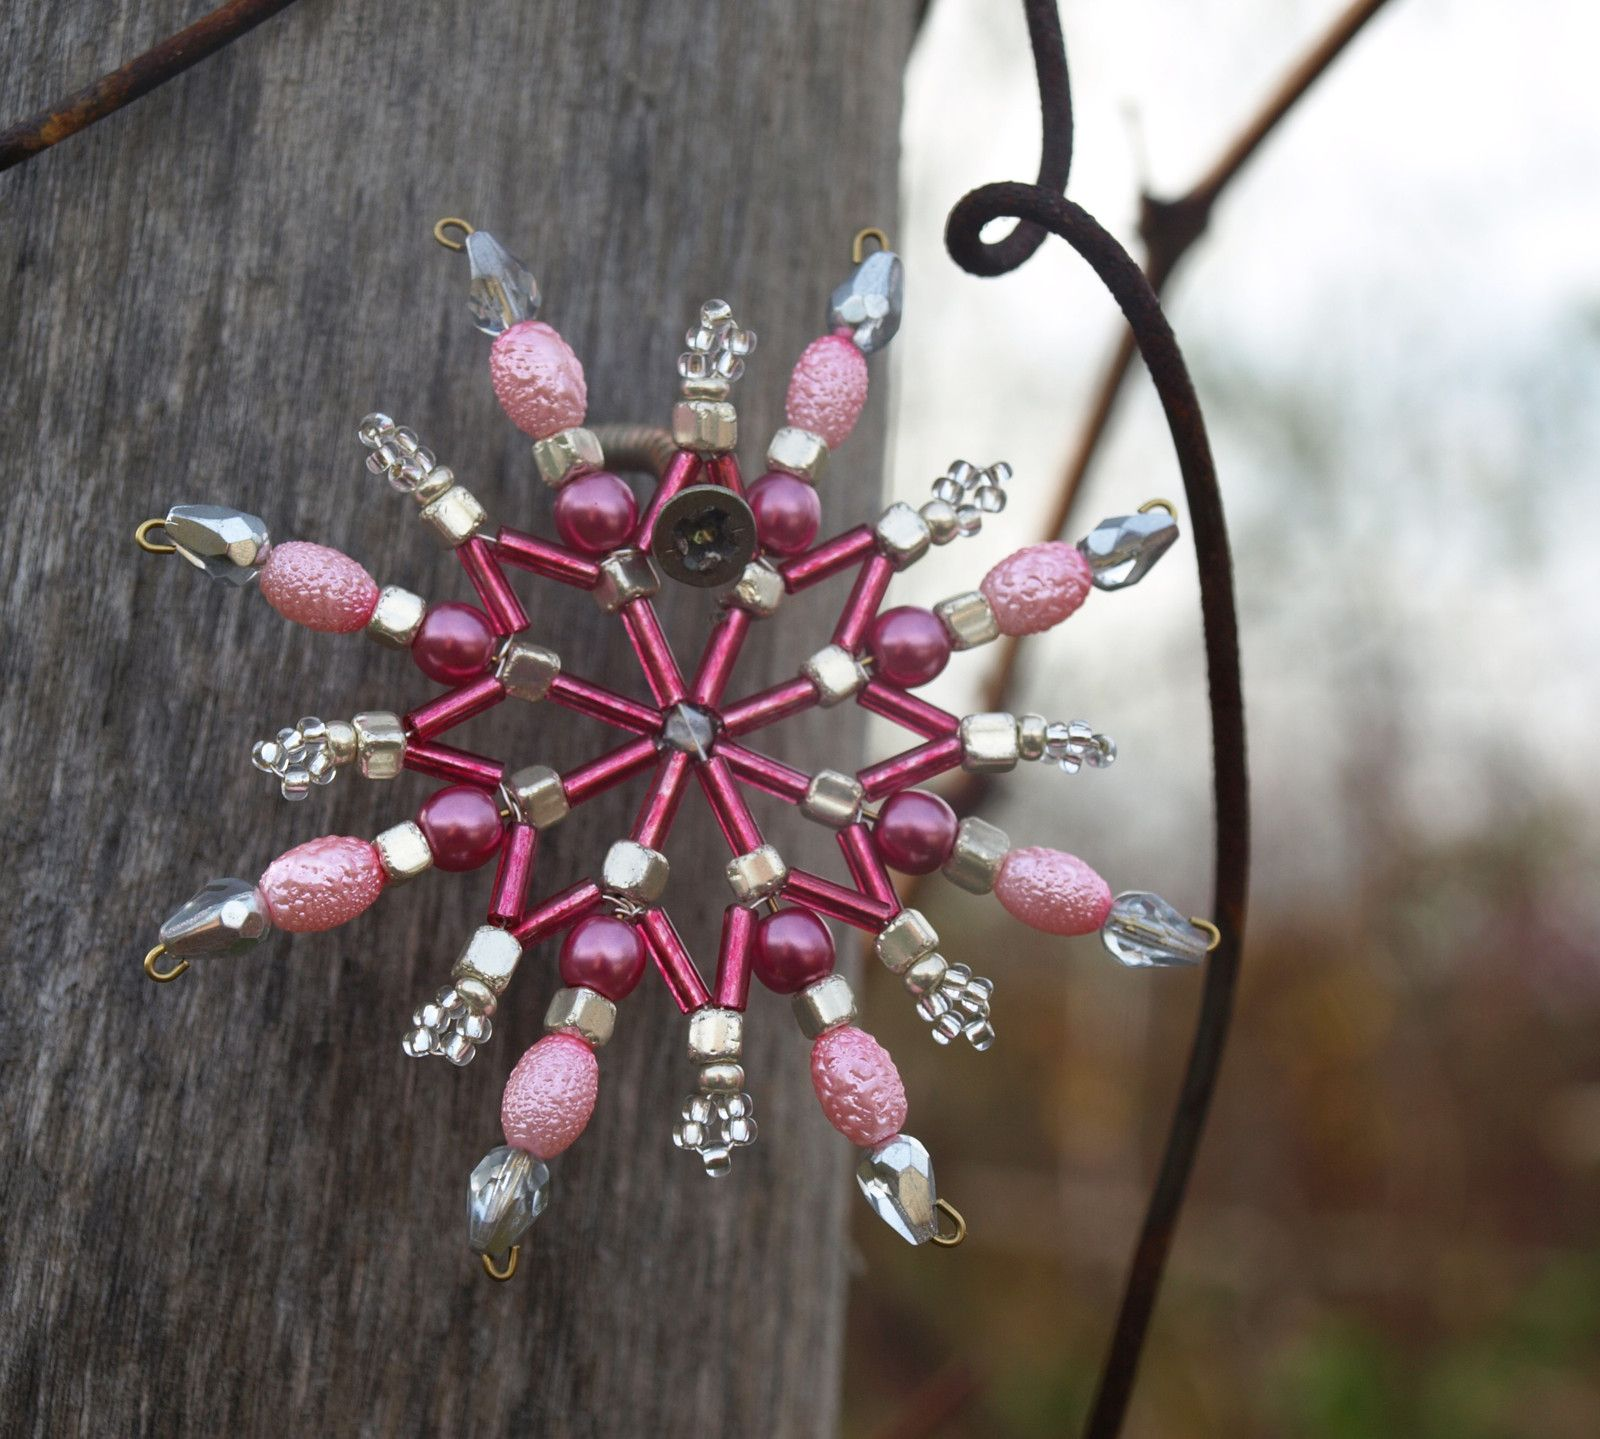 Hvězdička z korálků malá Vánoční hvězdička z korálků a perliček na pevné drátěné konstrukci , velikost 8cm v barvách růžová a stříbrná